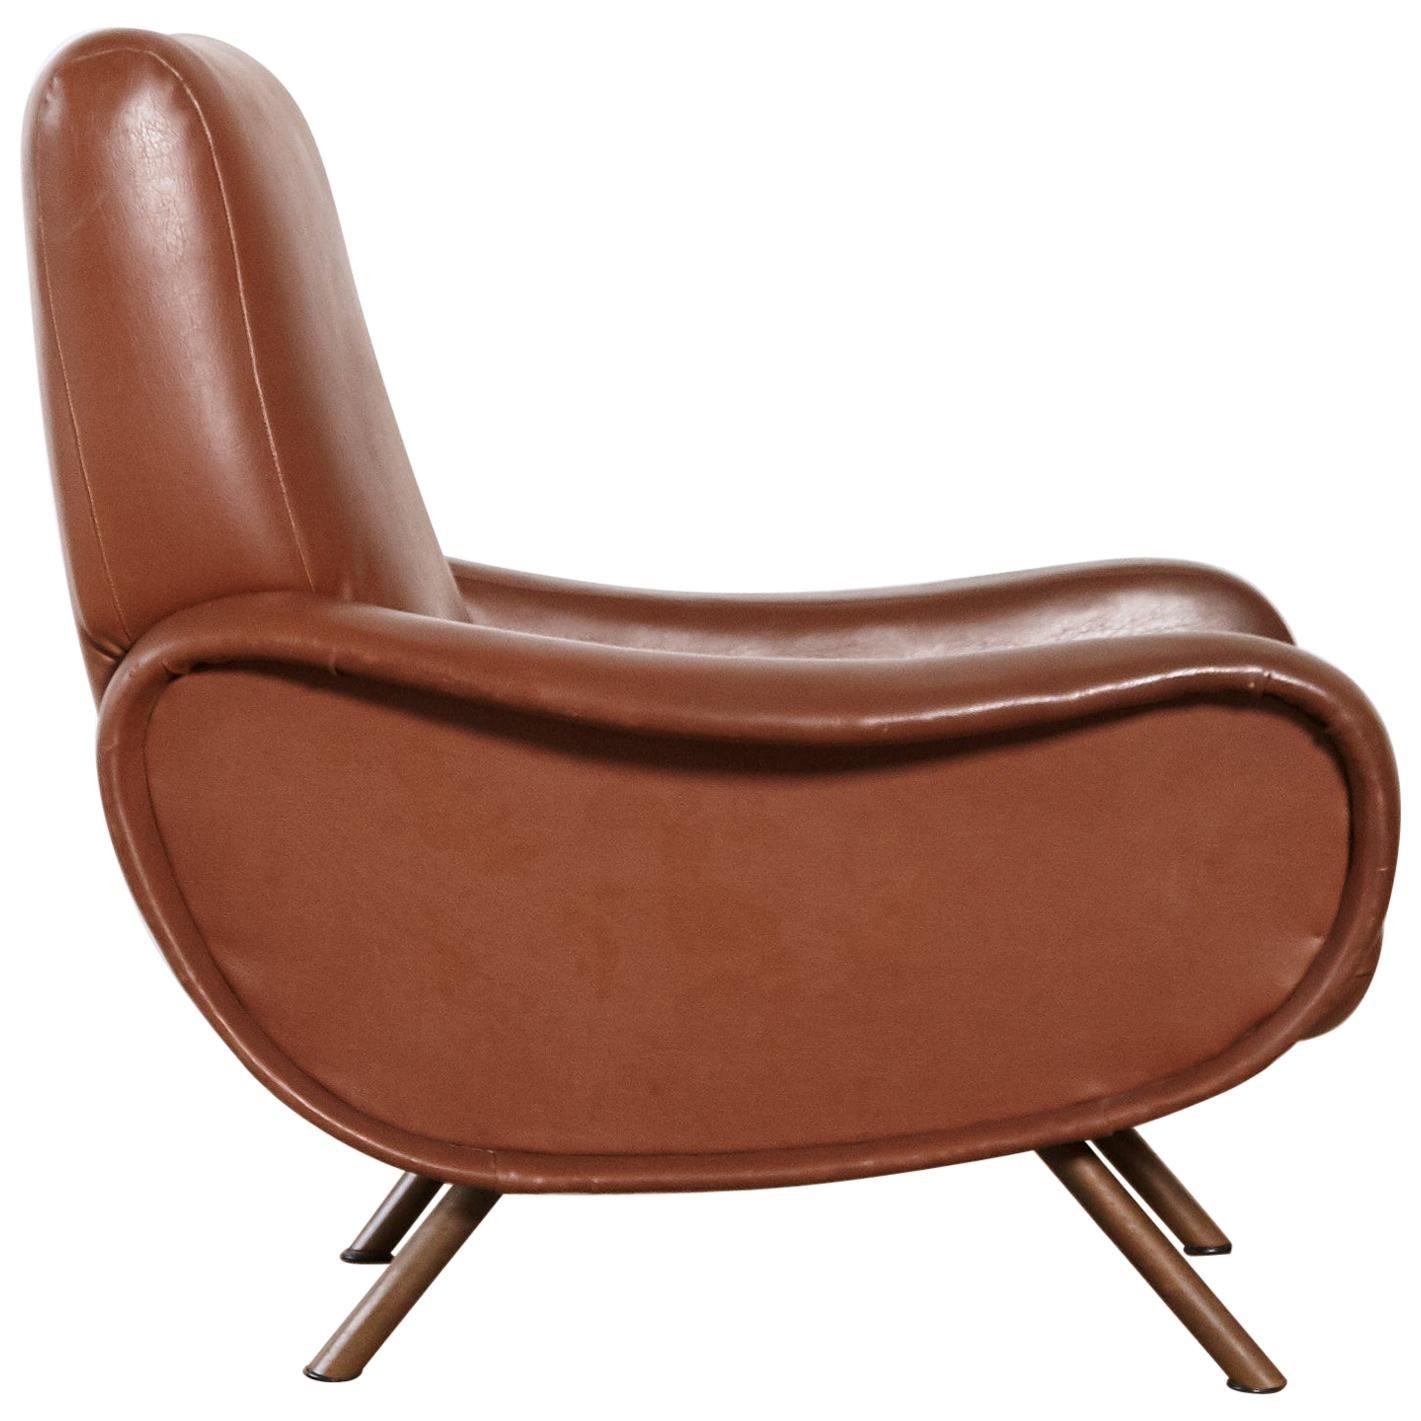 Authentic Marco Zanuso Lady Chair, Arflex, Italy, 1950s-1960s